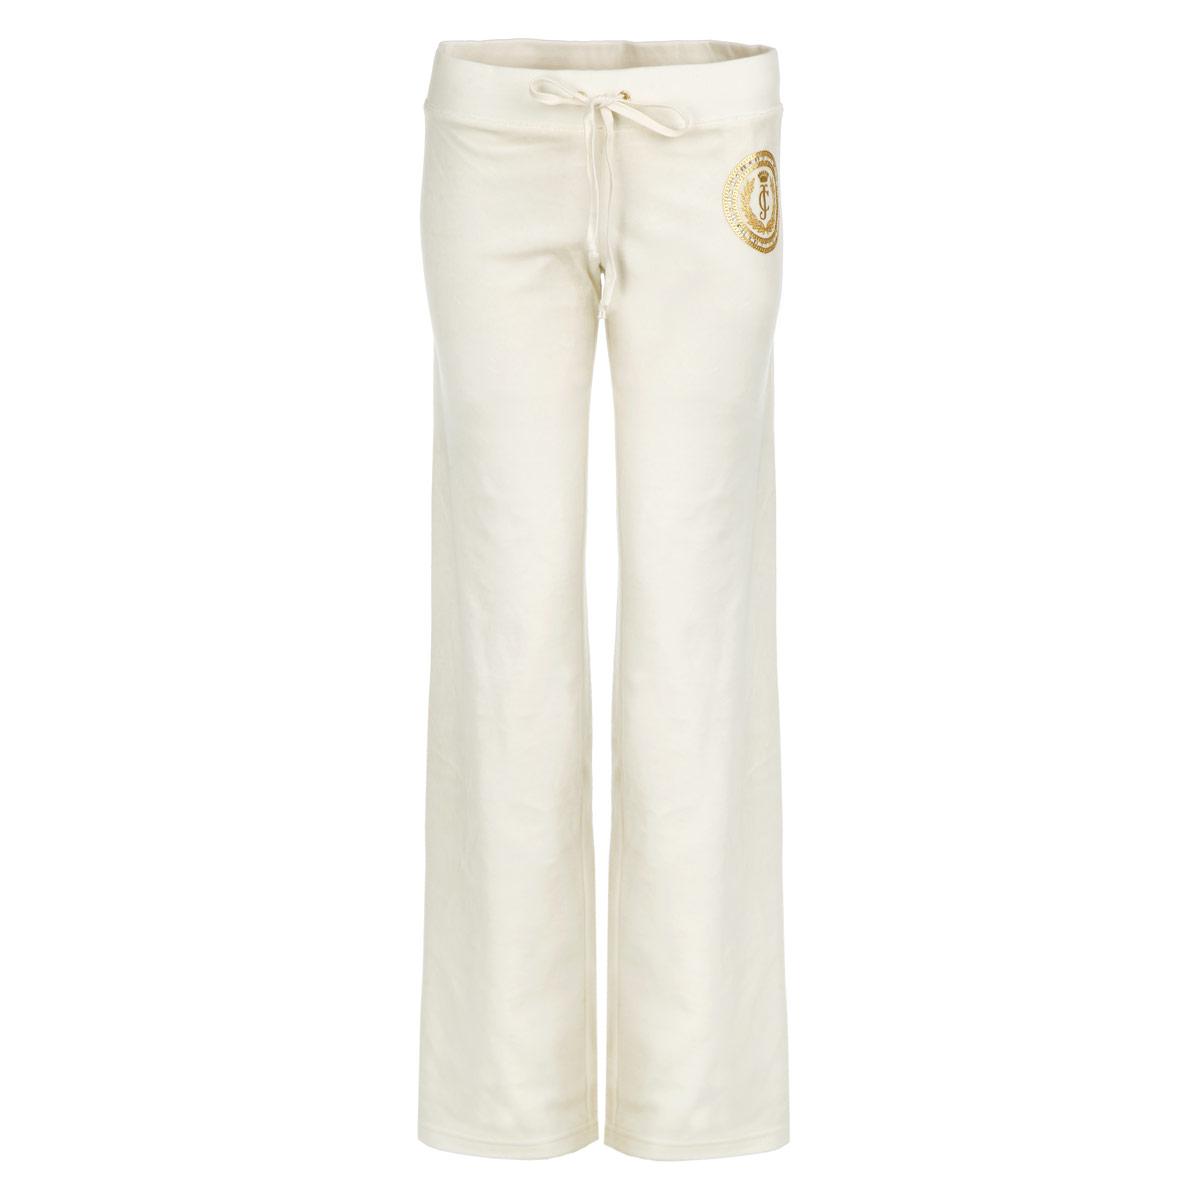 БрюкиWTKB31357/109Удобные женские брюки Juicy Couture, выполненные из велюра высочайшего качества, отлично подойдут на каждый день. Модель прямого кроя - настоящее воплощение комфорта, такие брюки не сковывают движений и обеспечивают наибольшее удобство. Пояс брюк дополнен широкой эластичной резинкой с затягивающимся шнурком-кулиской. Брюки оформлены узором в блестящей золотистой печати. Эти модные и в тоже время комфортные брюки послужат отличным дополнением к вашему гардеробу. В них вы всегда будете чувствовать себя уютно и уверенно.